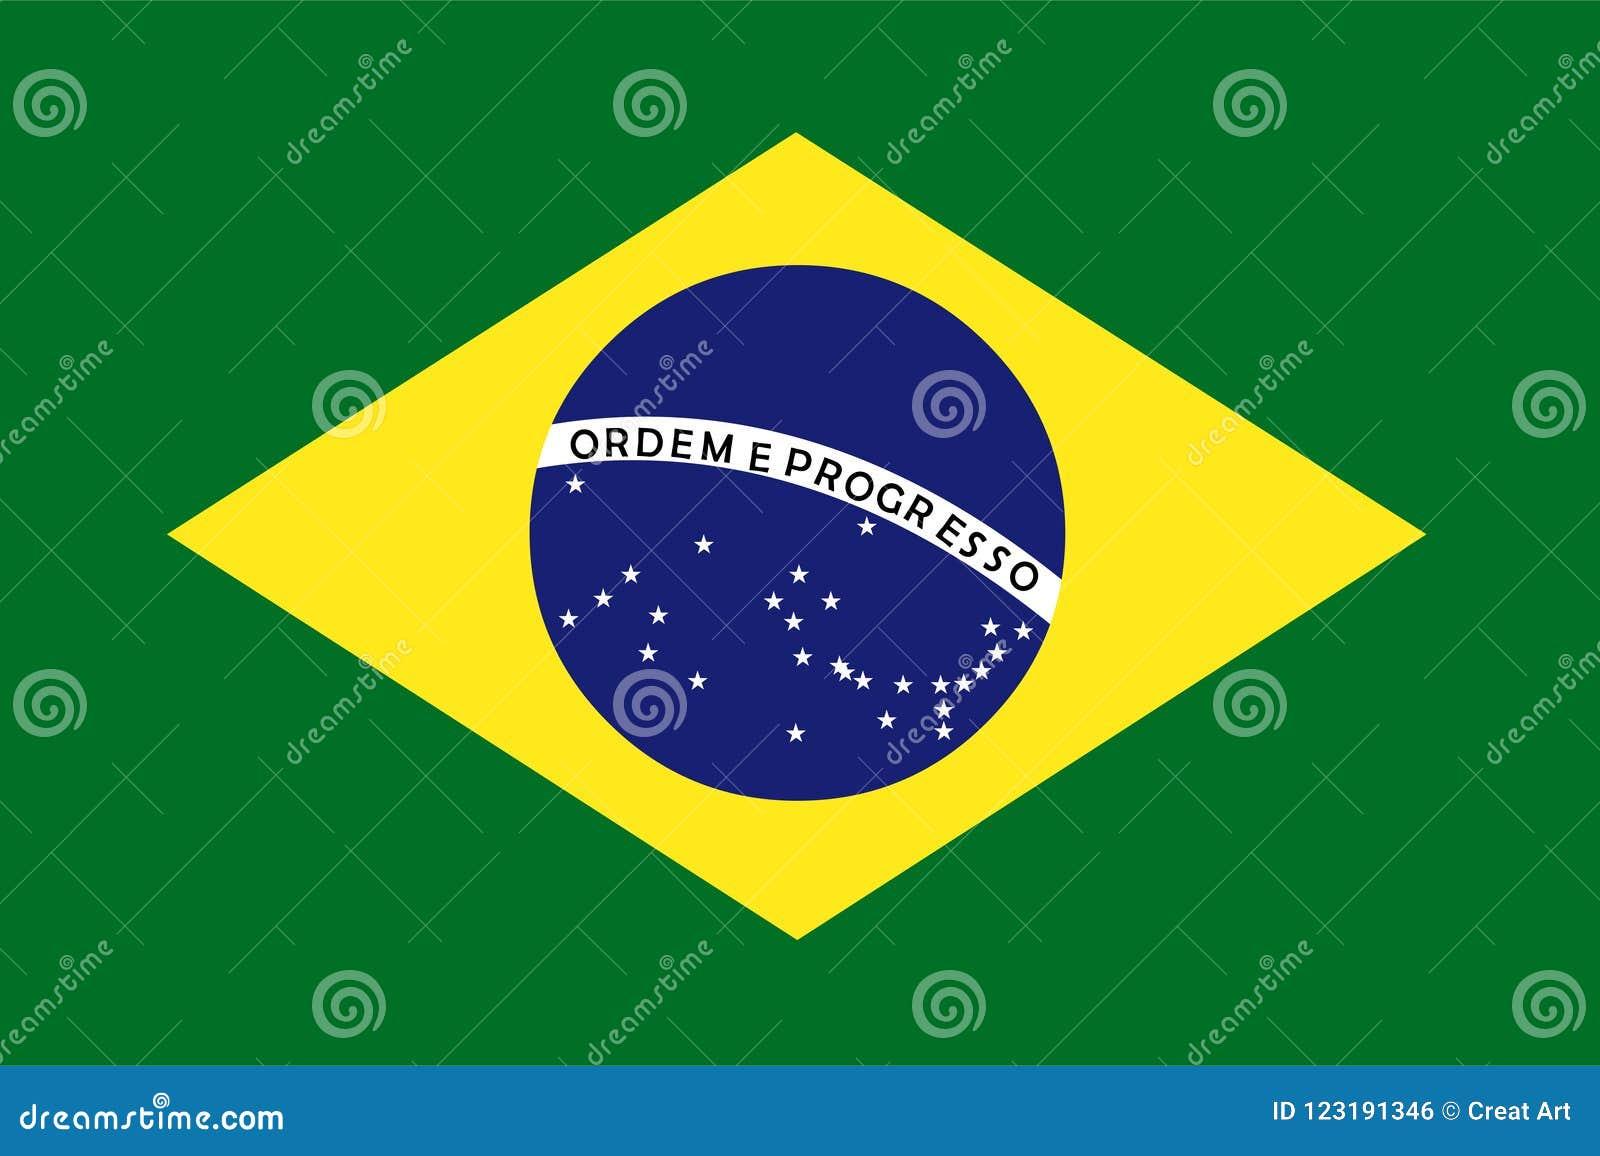 Вектор флага Бразилии иллюстрация флага Бразилии